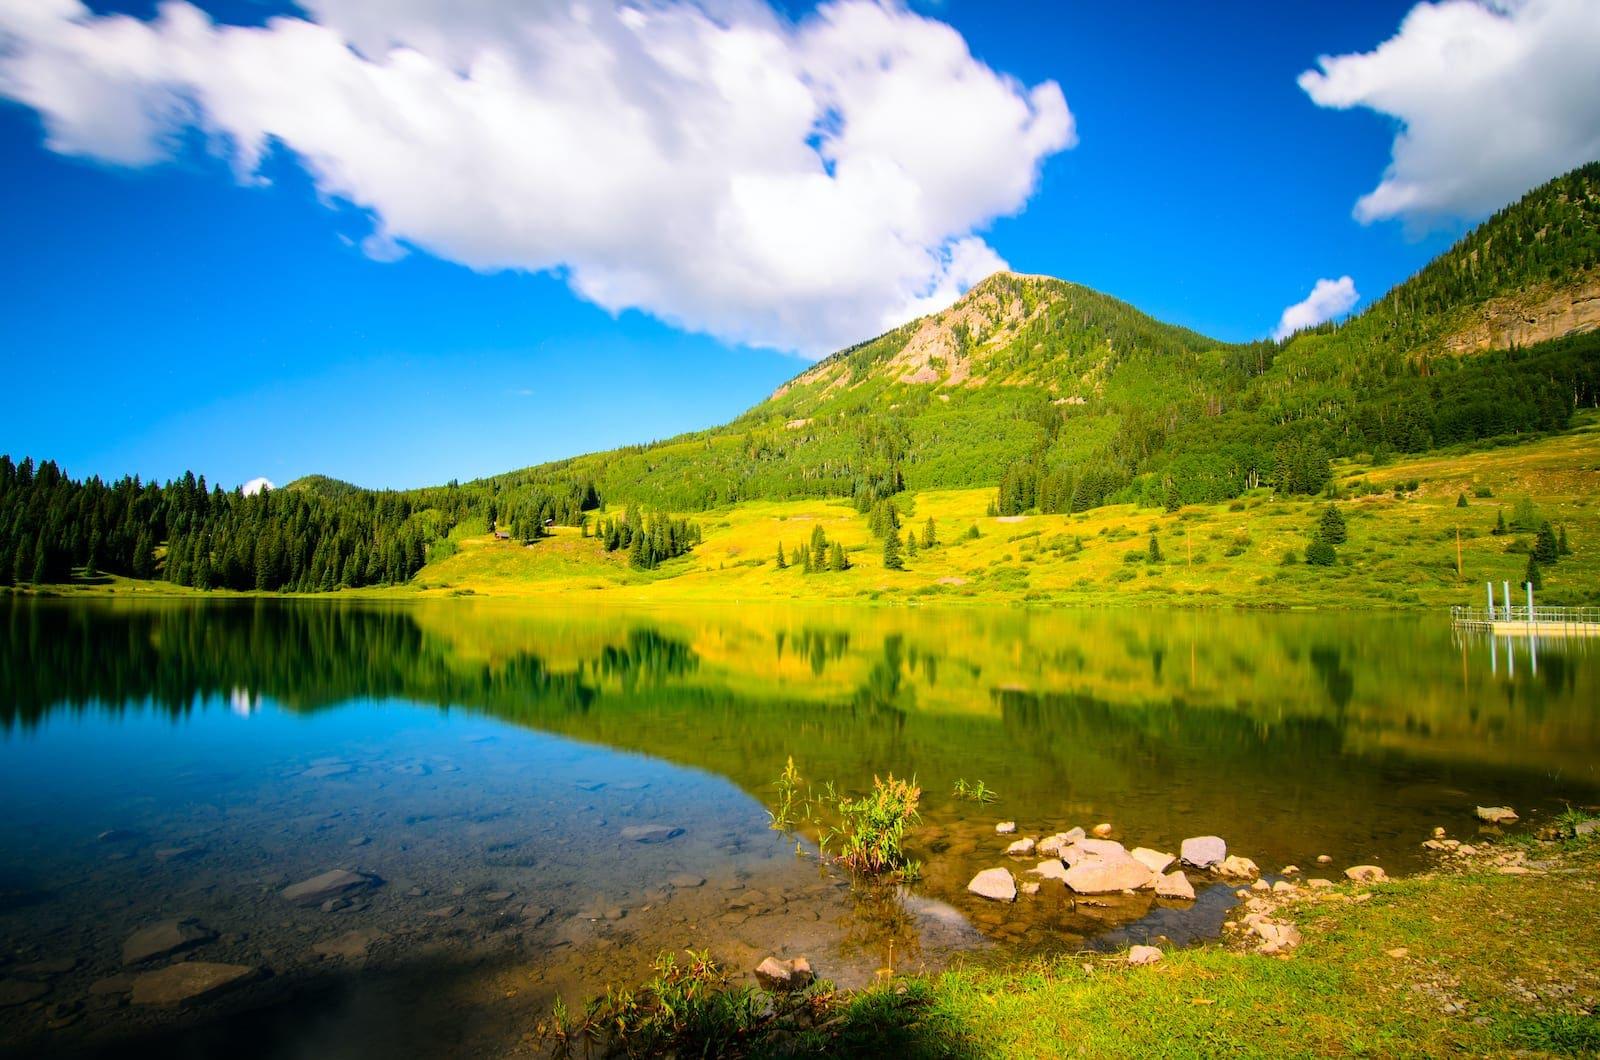 Trout Lake near Telluride Colorado